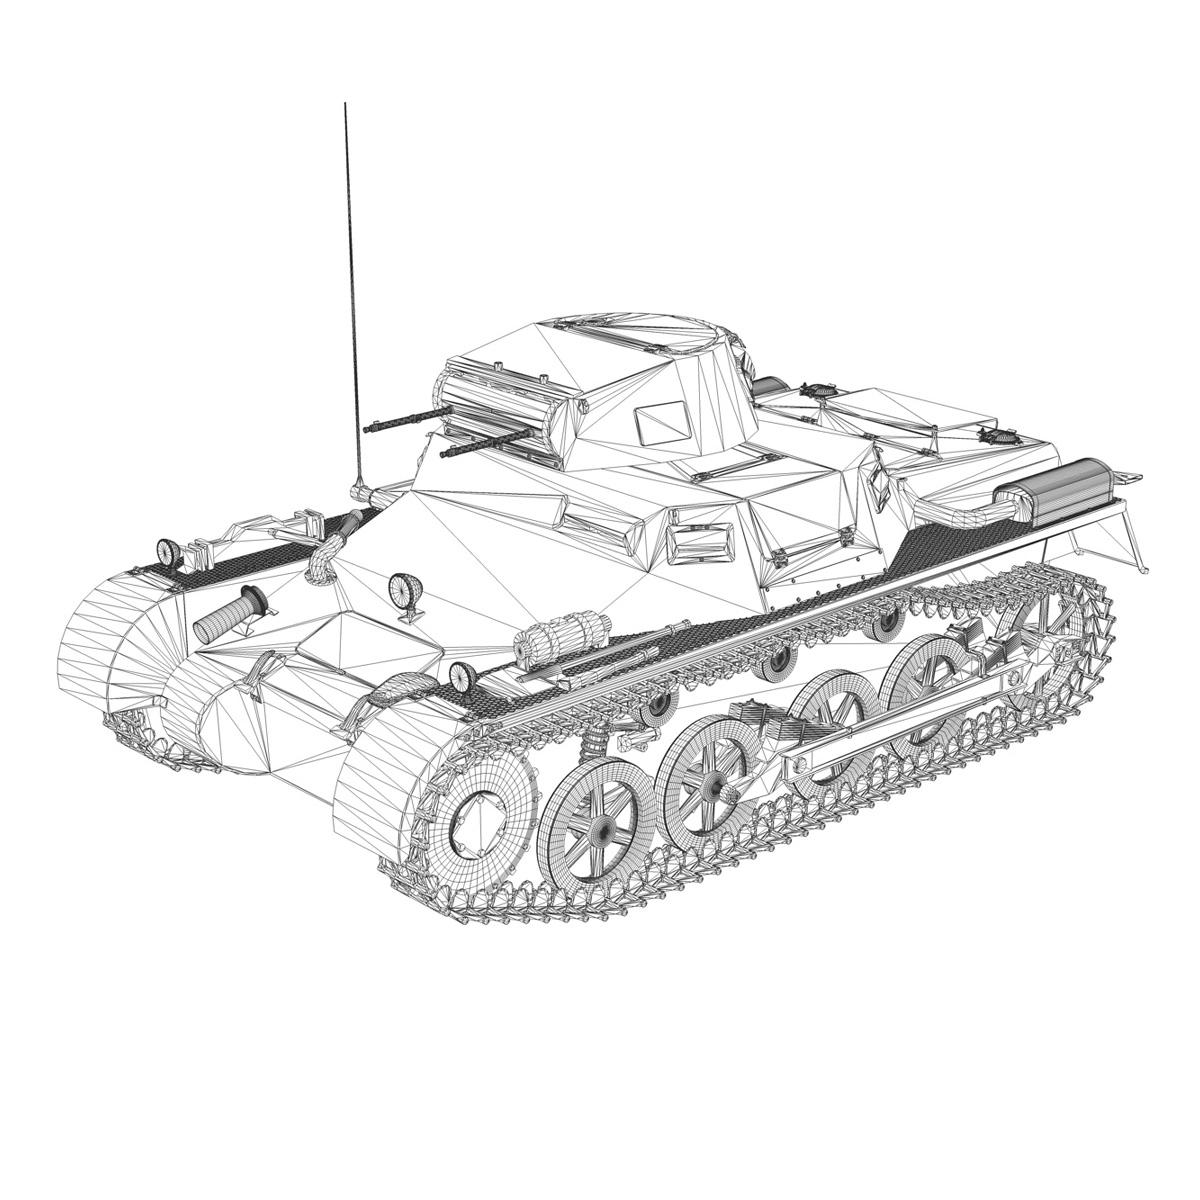 sd.kfz 101 pzkpfw 1 ausfuehrung a 3d model 3ds fbx c4d lwo obj 188872